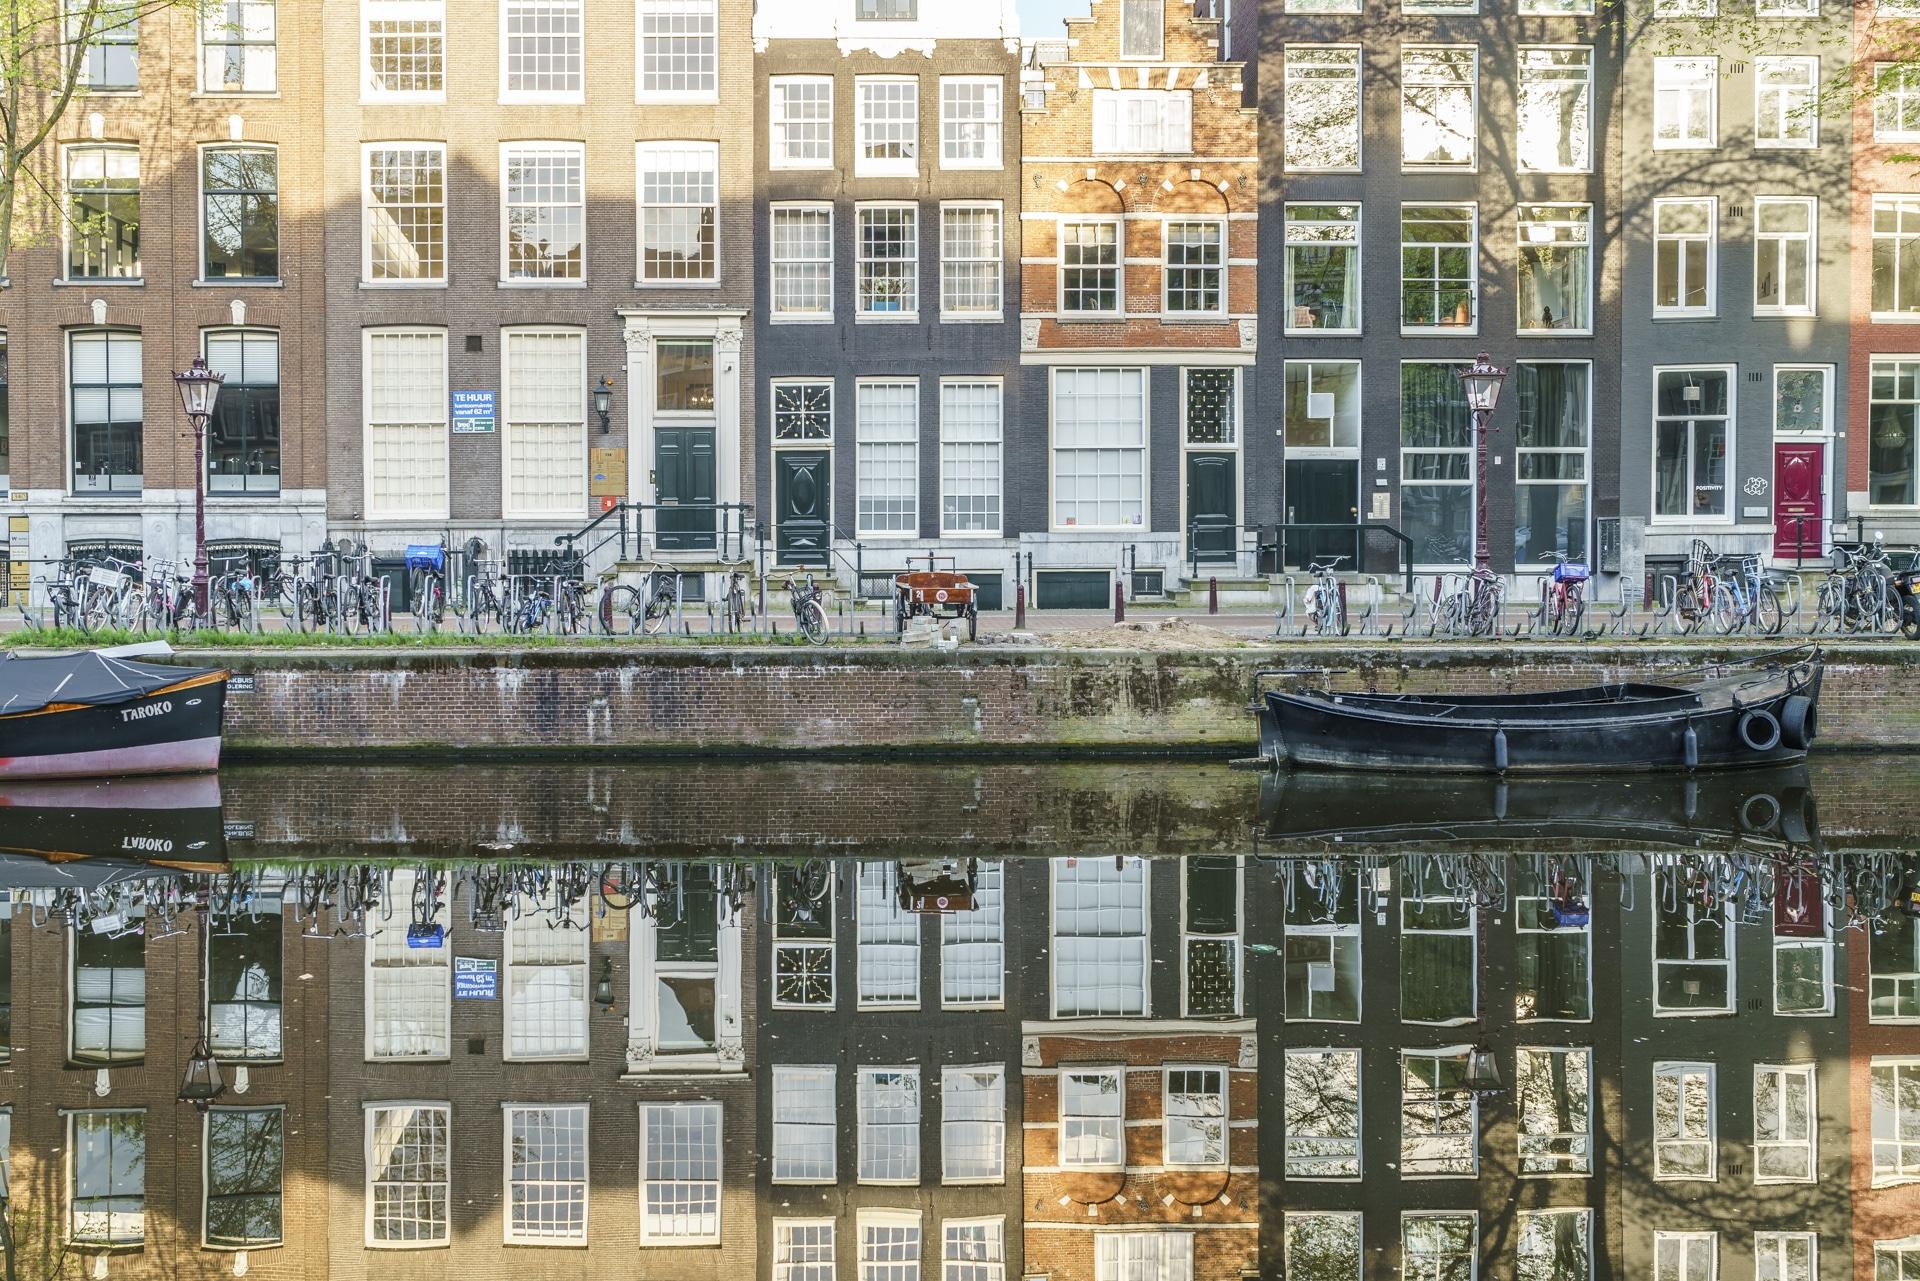 Amsterdam-Spiegelung-Grachten